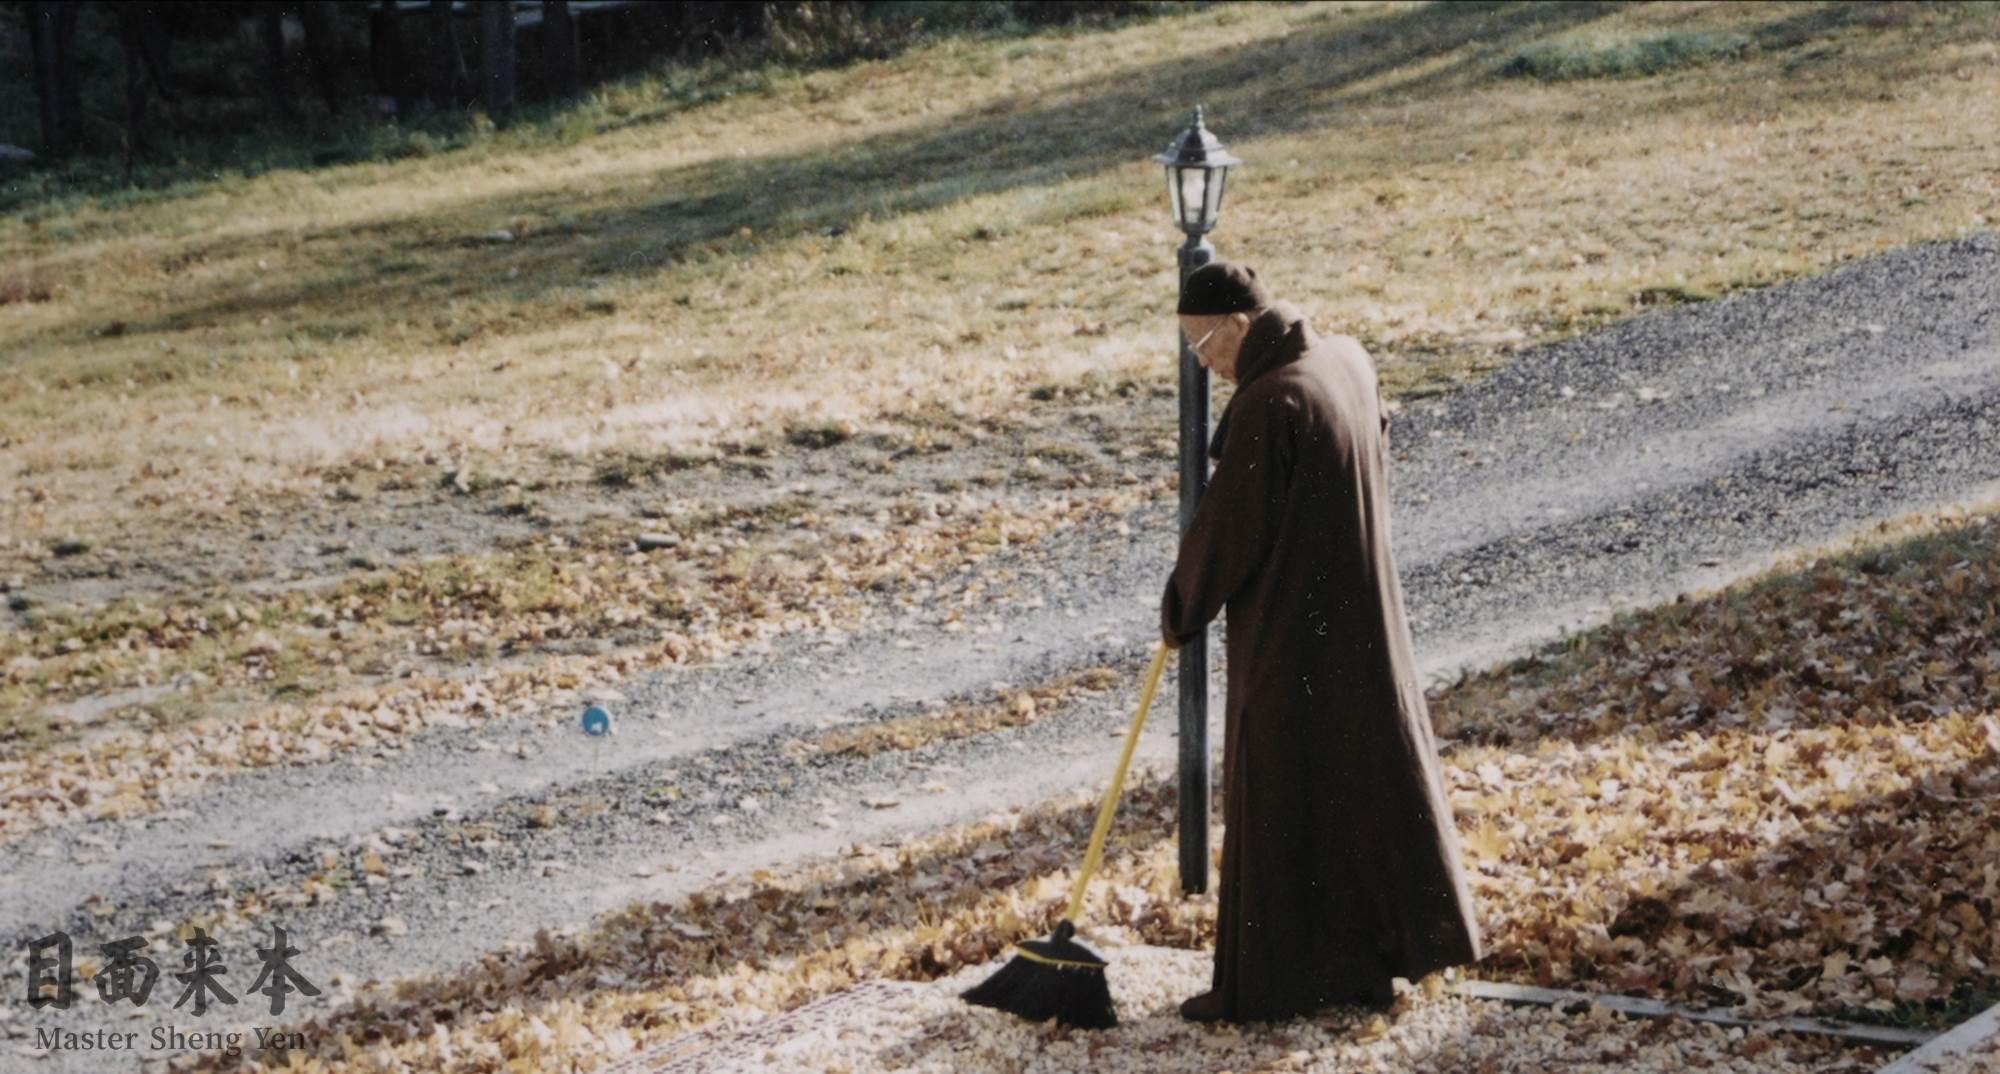 聖嚴法師將活出不平凡的一生。